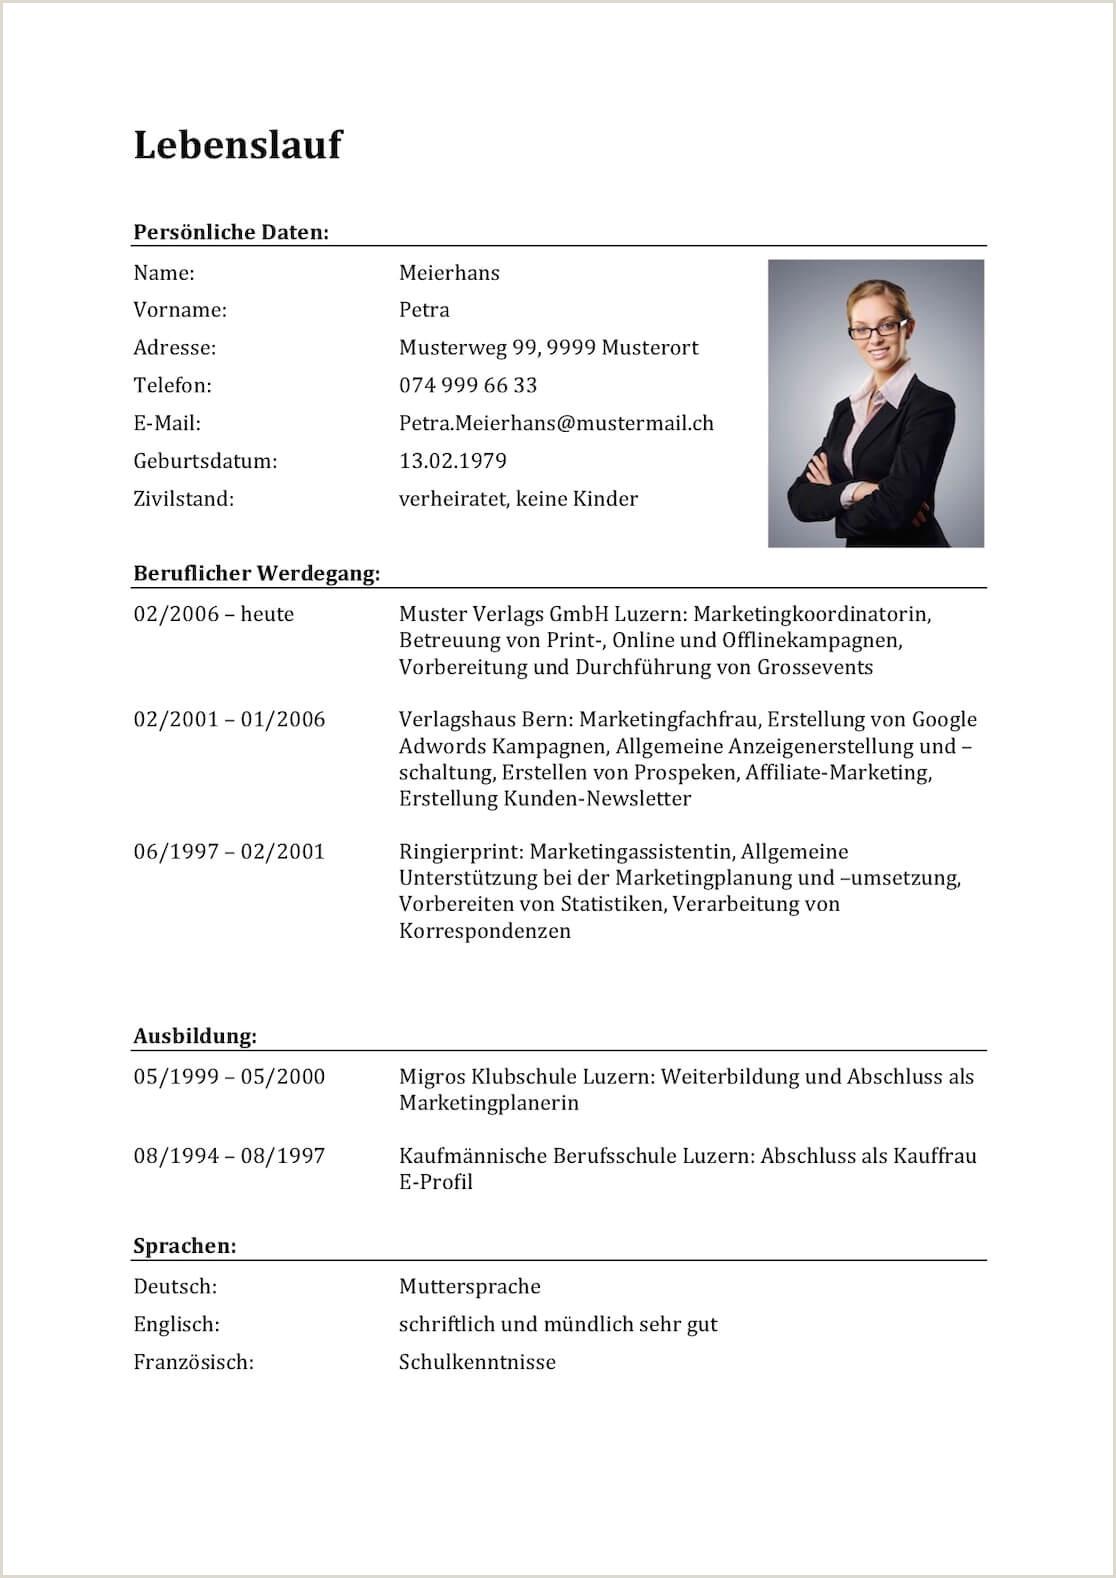 Lebenslauf Muster Beruflicher Werdegang 11 Beruflicher Werdegang Lebenslauf